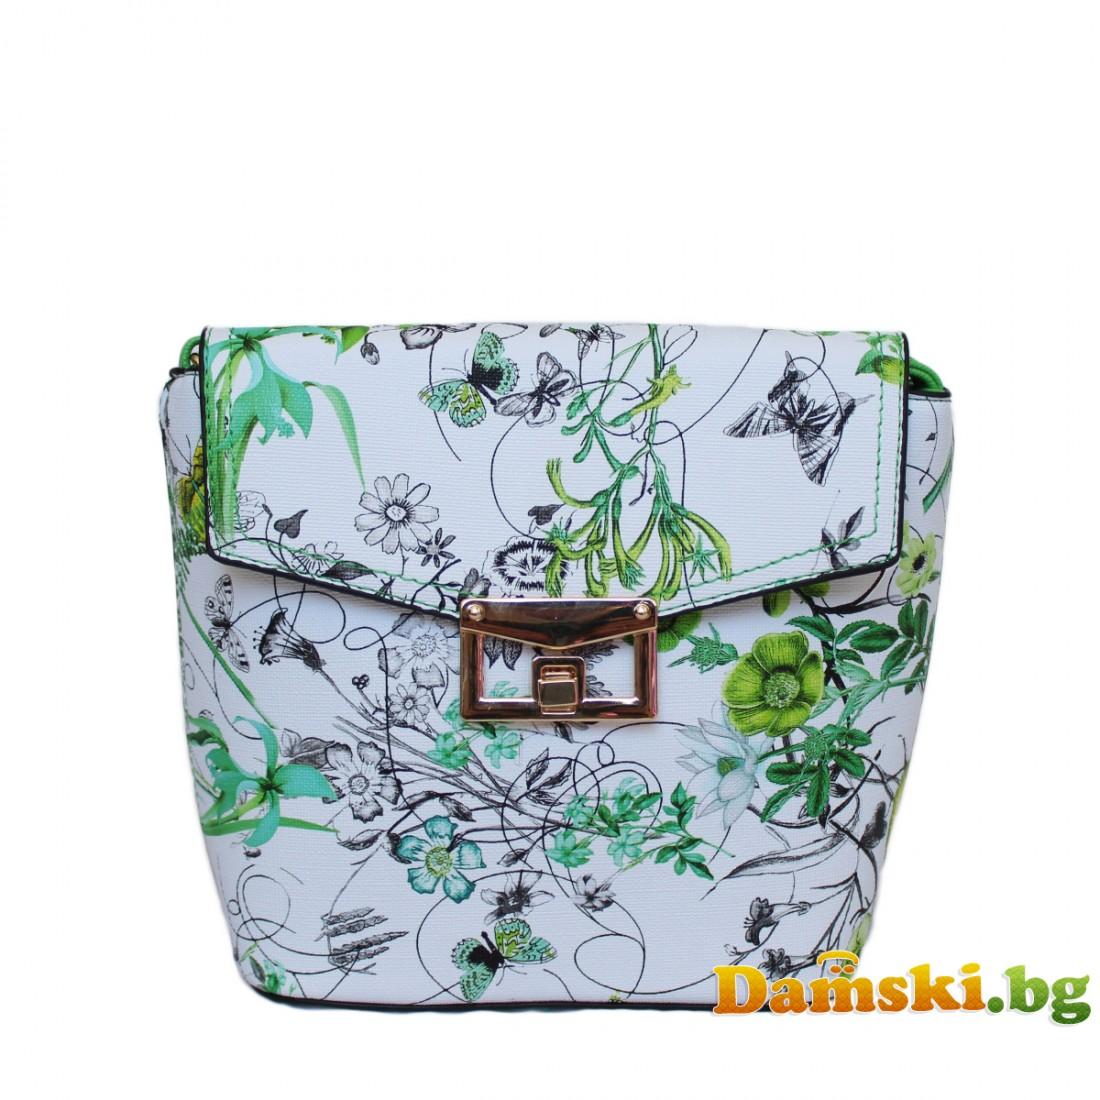 Дамска чанта през рамо Криси - зелена (цветна)